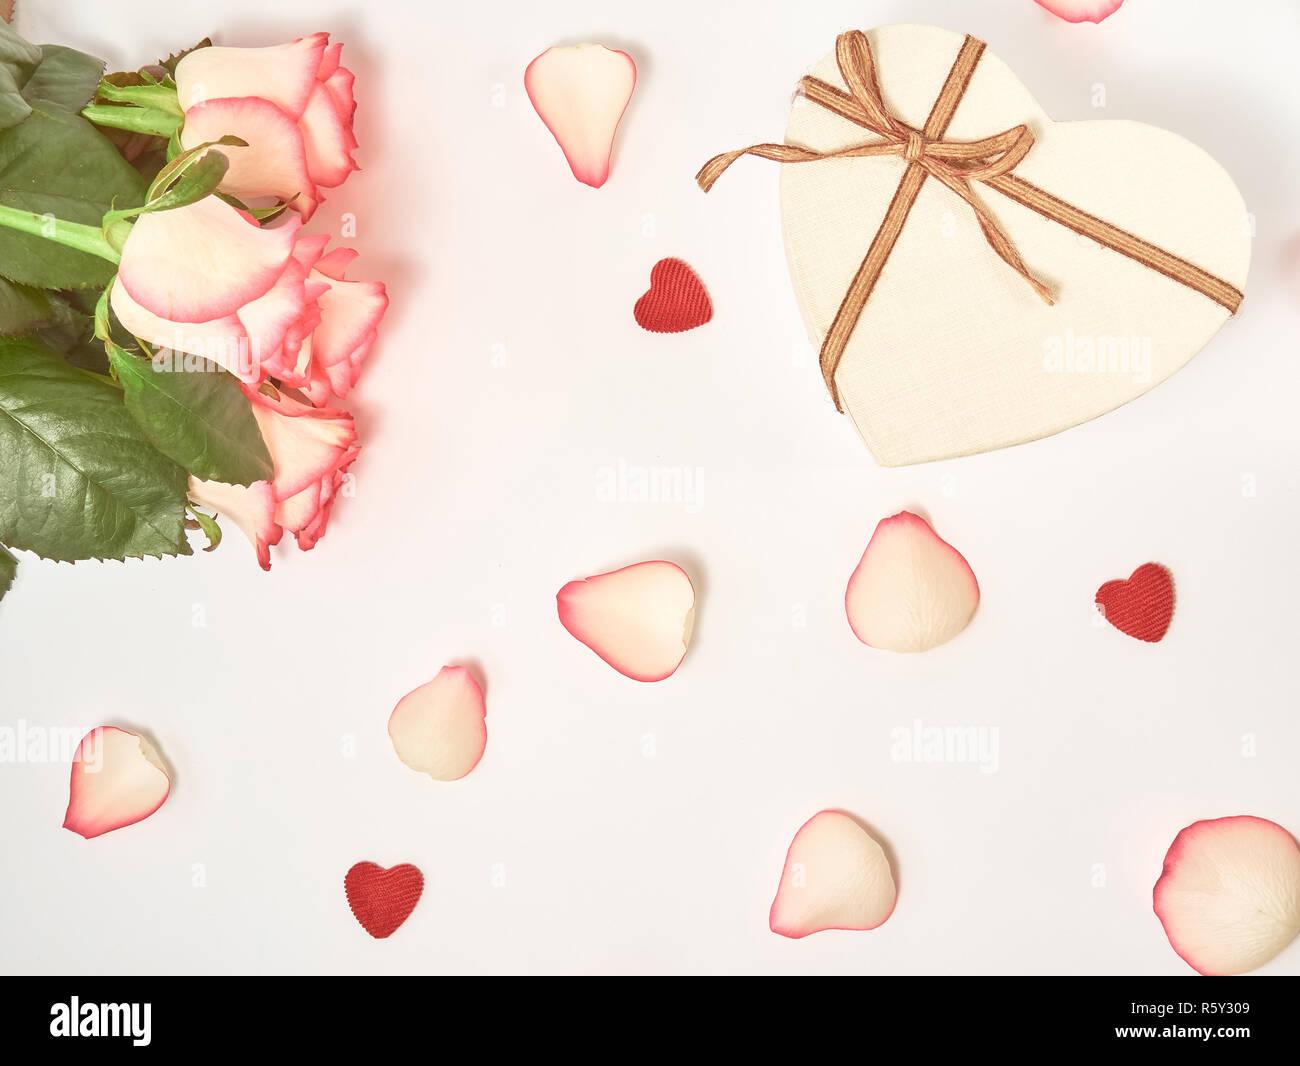 Anniversaire Fête Des Mères Saint Valentin Journée De La